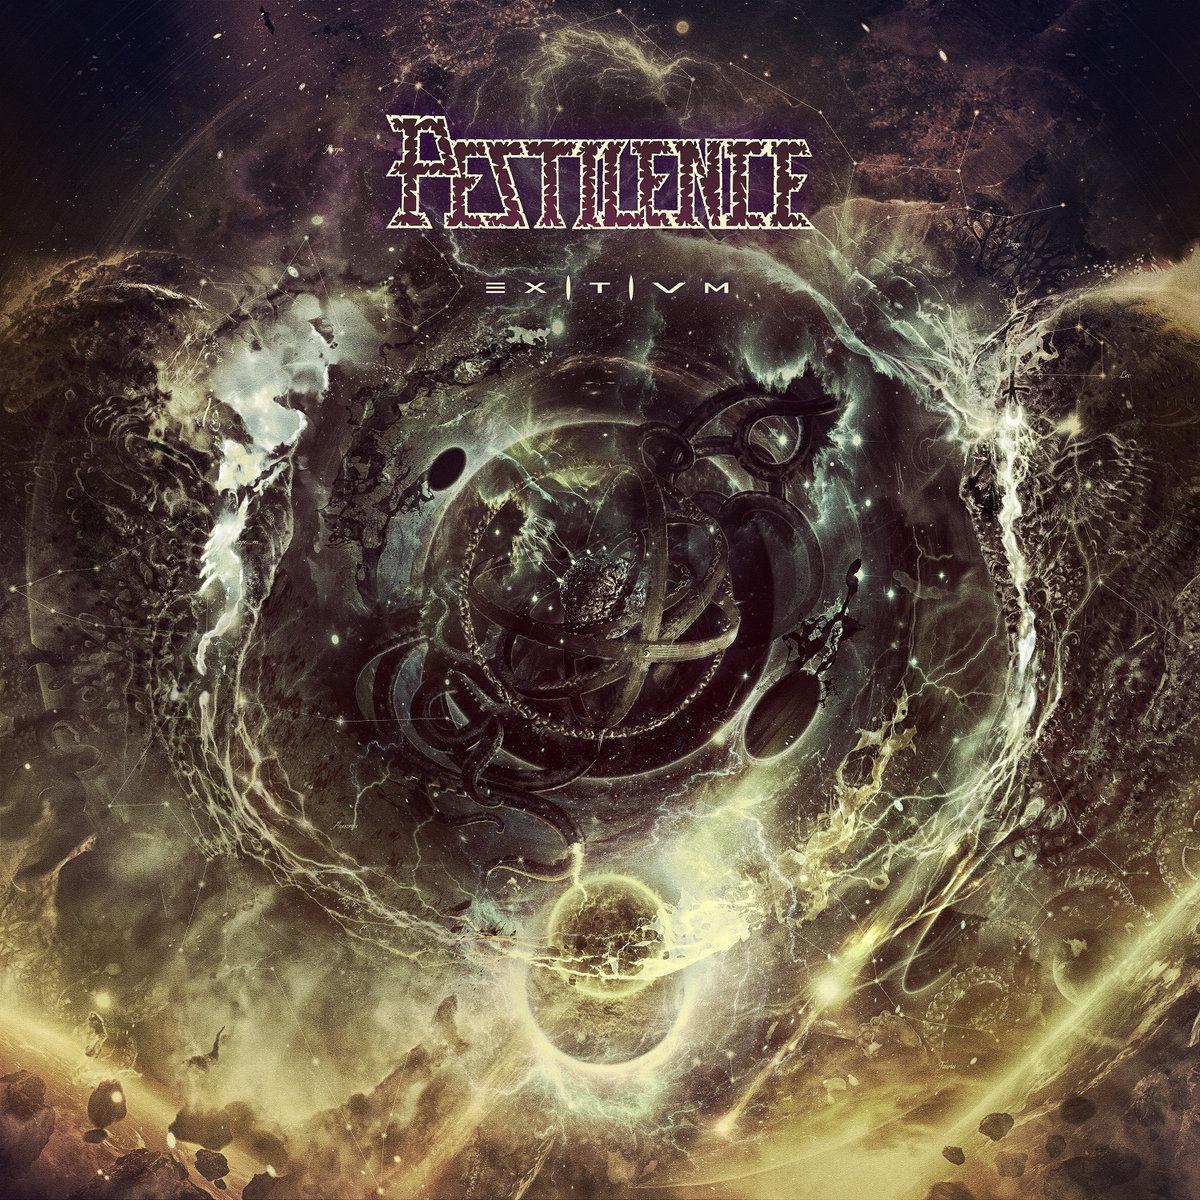 Exitivm | Pestilence | Agonia Records